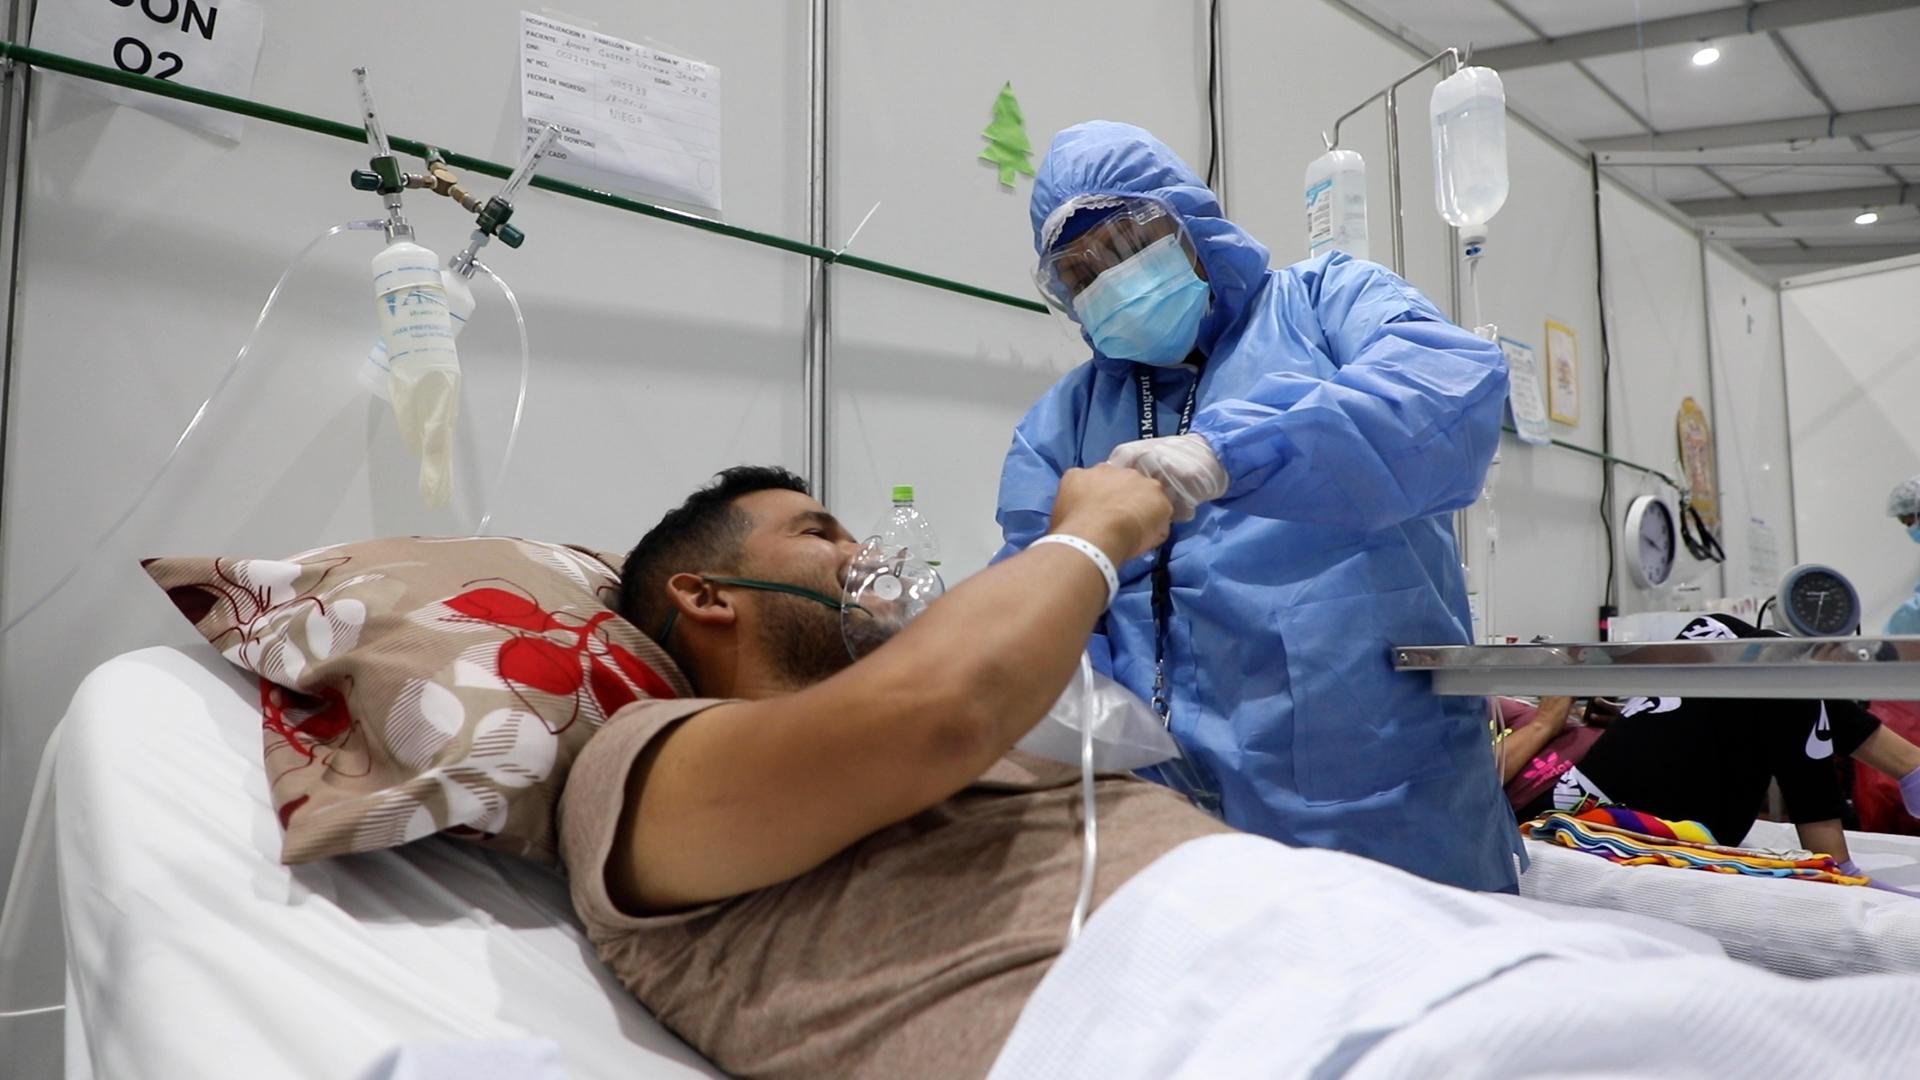 Essalud - Jóvenes que luchan por sus vidas en hospitales de EsSalud hacen un llamado a la reflexión para extremar medidas de bioseguridad frente al Covid-19